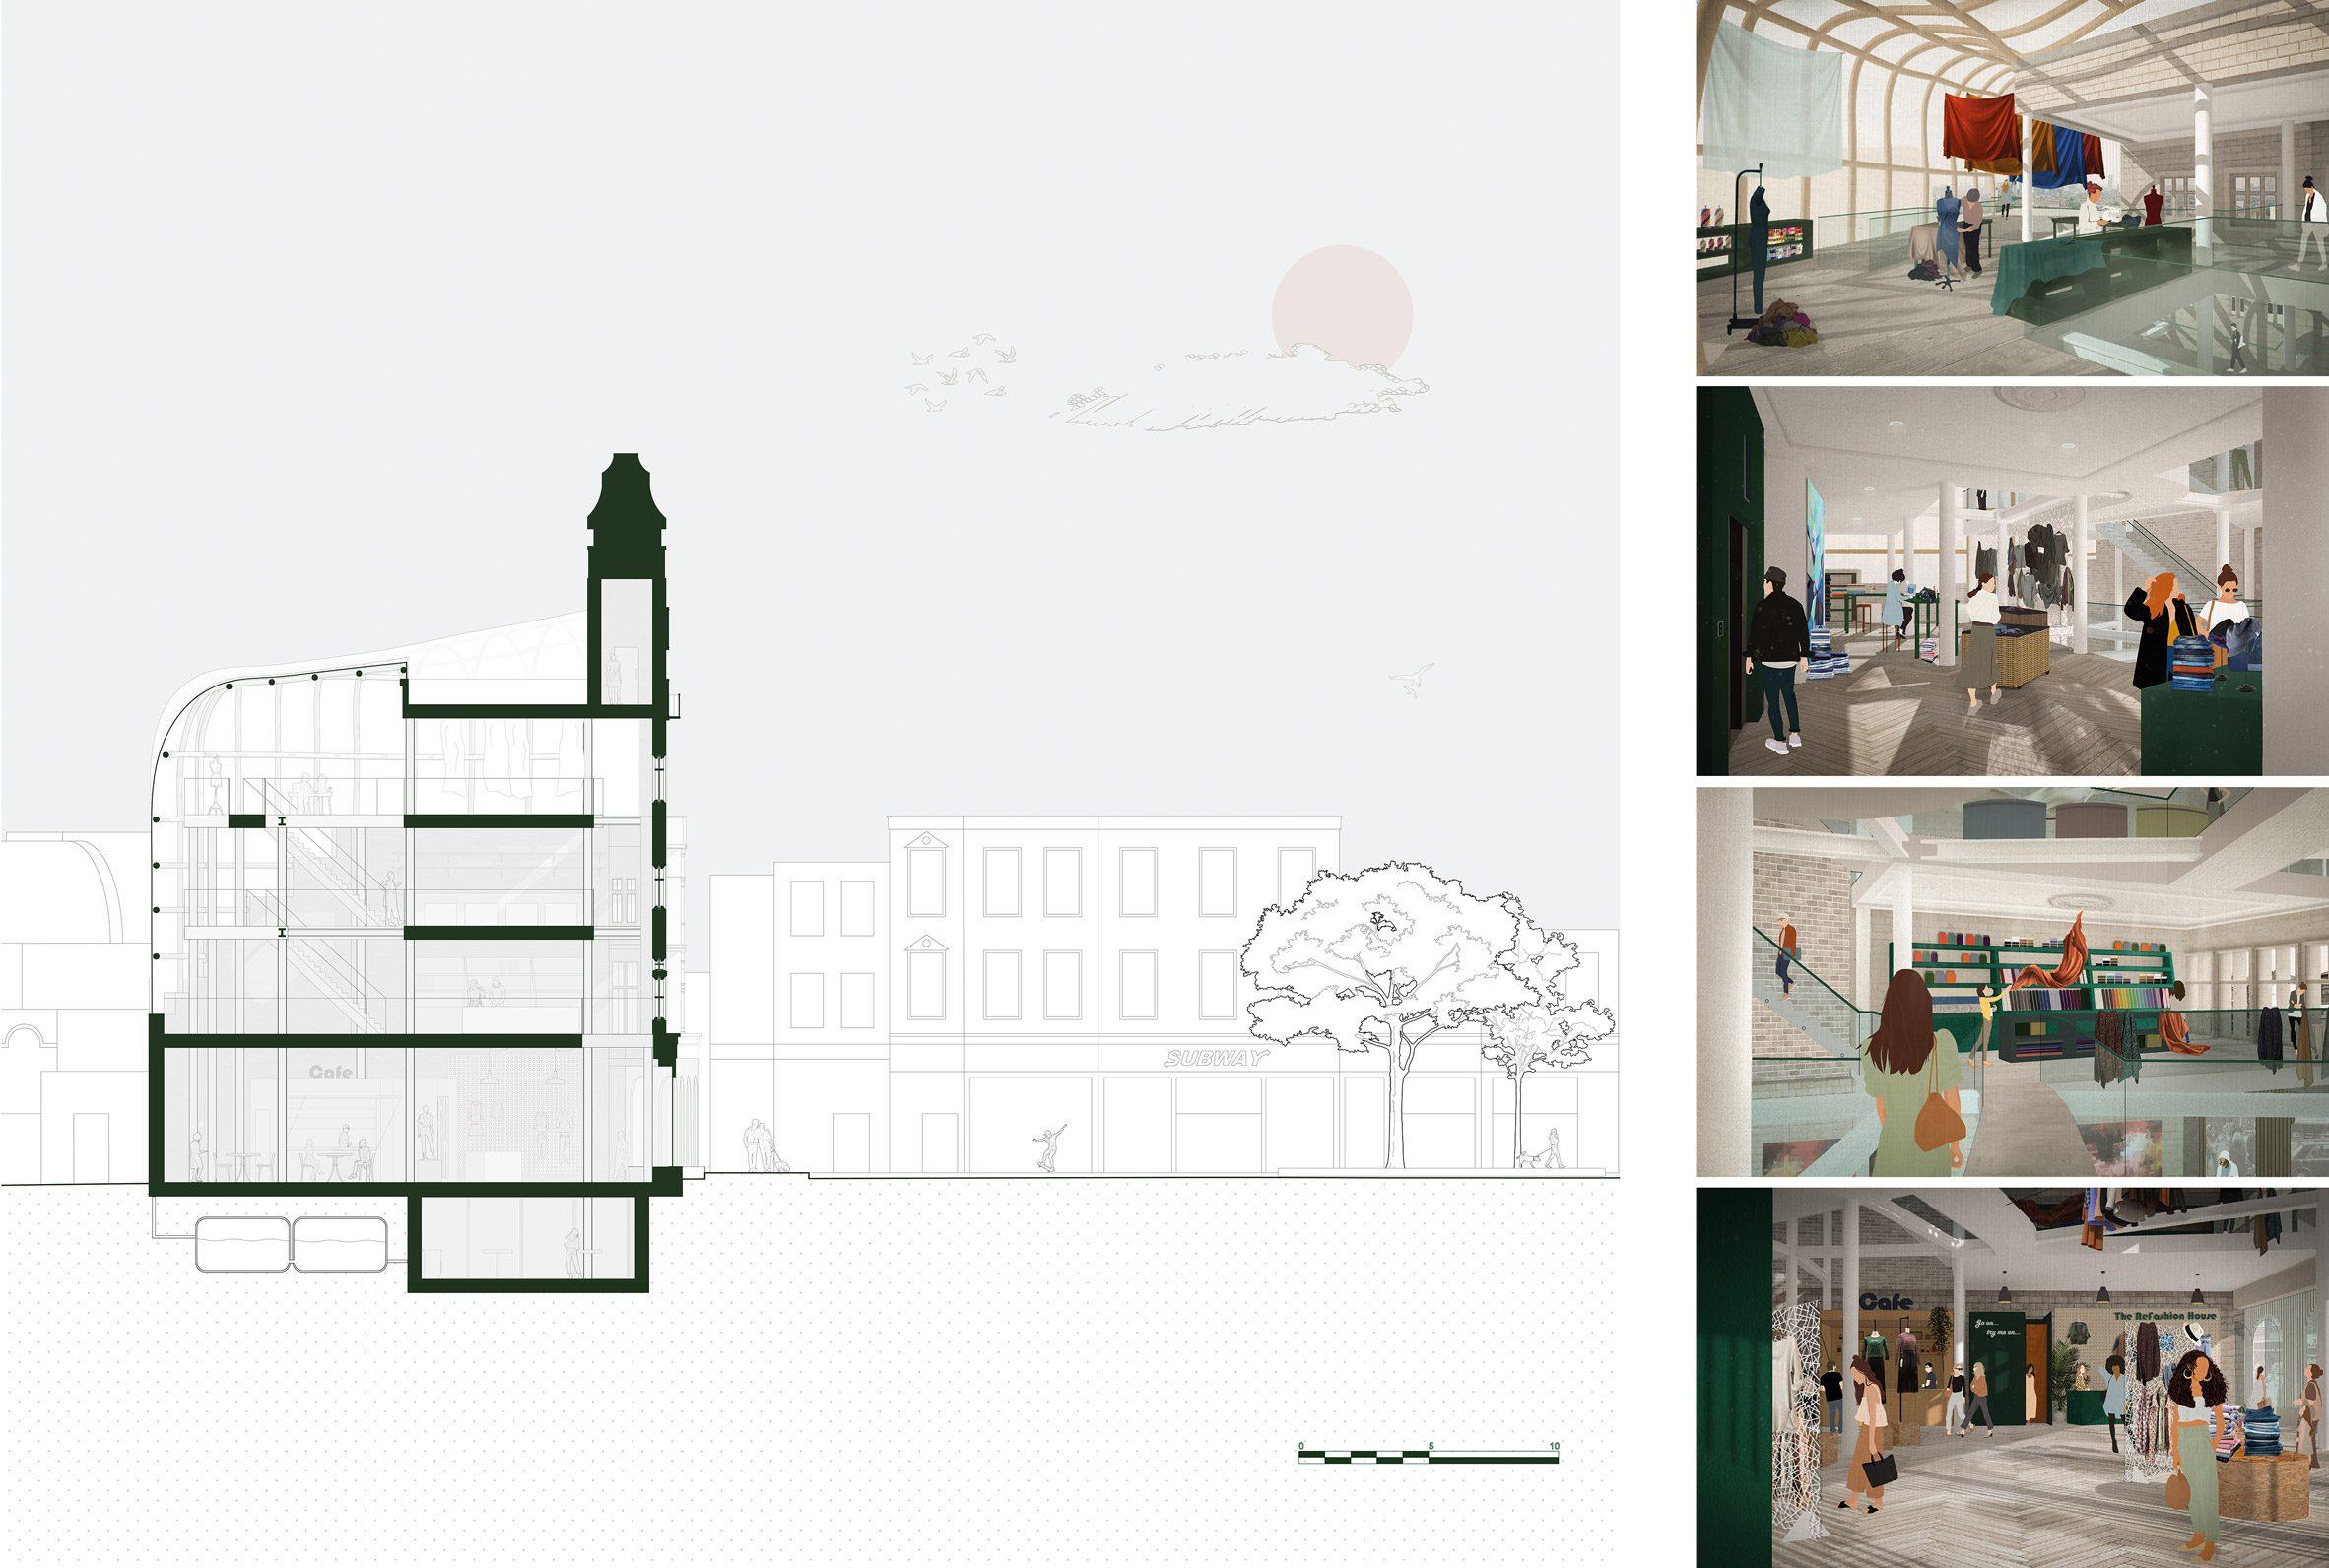 A visualisation of a fashion house